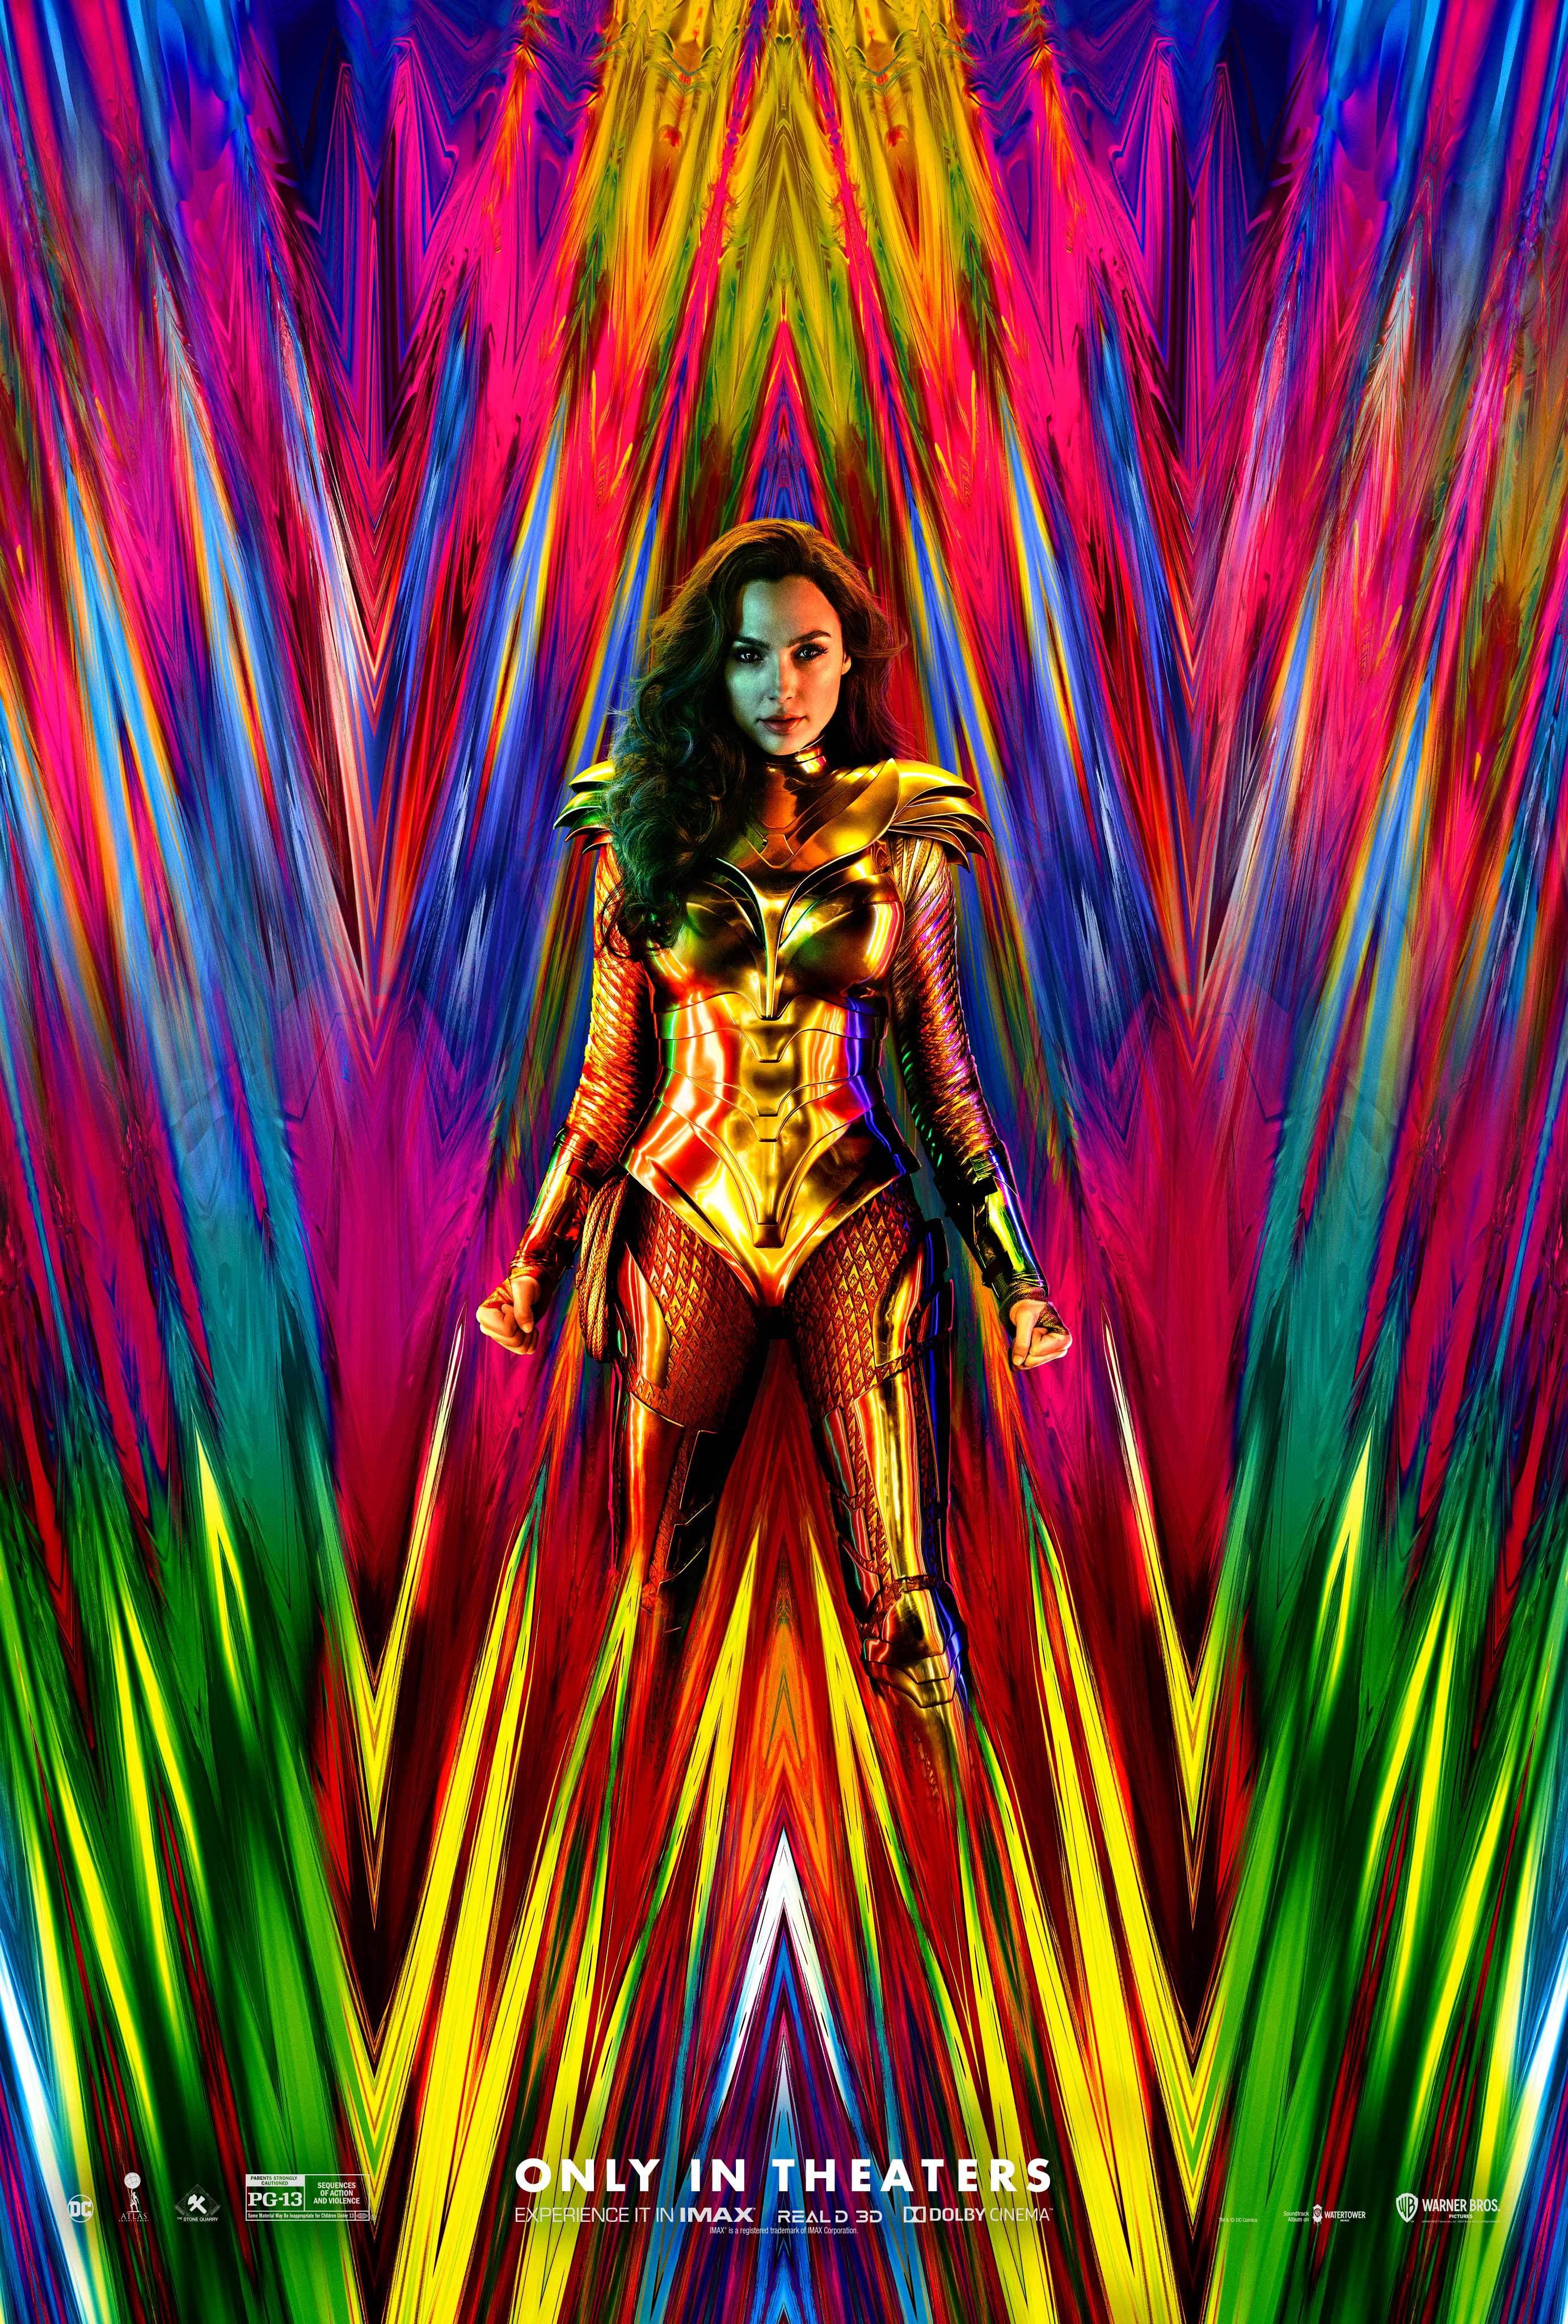 Ralph Lauren releases  Wonder Woman collection